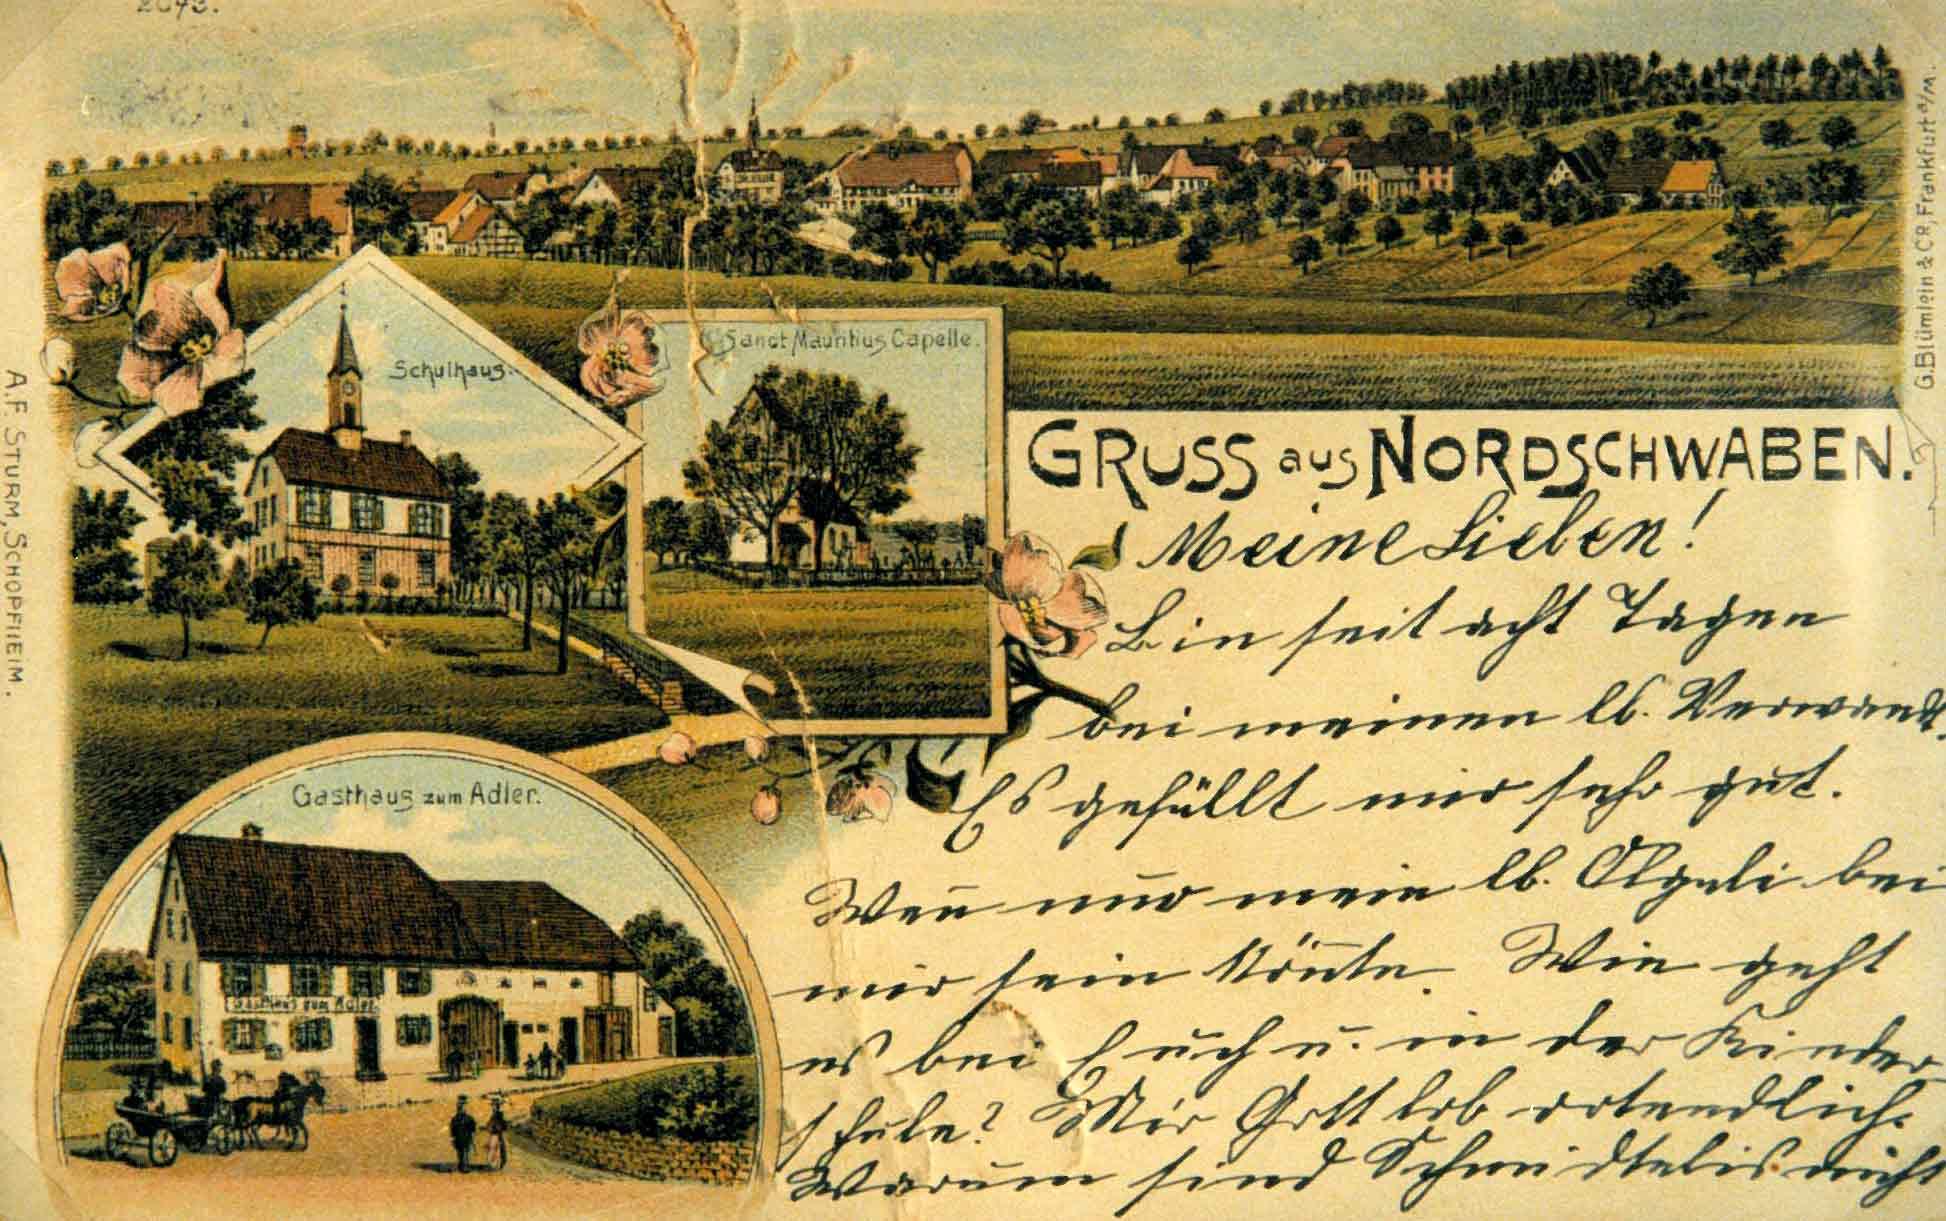 Carte Postale Peinte de Nordschwaben (1913)